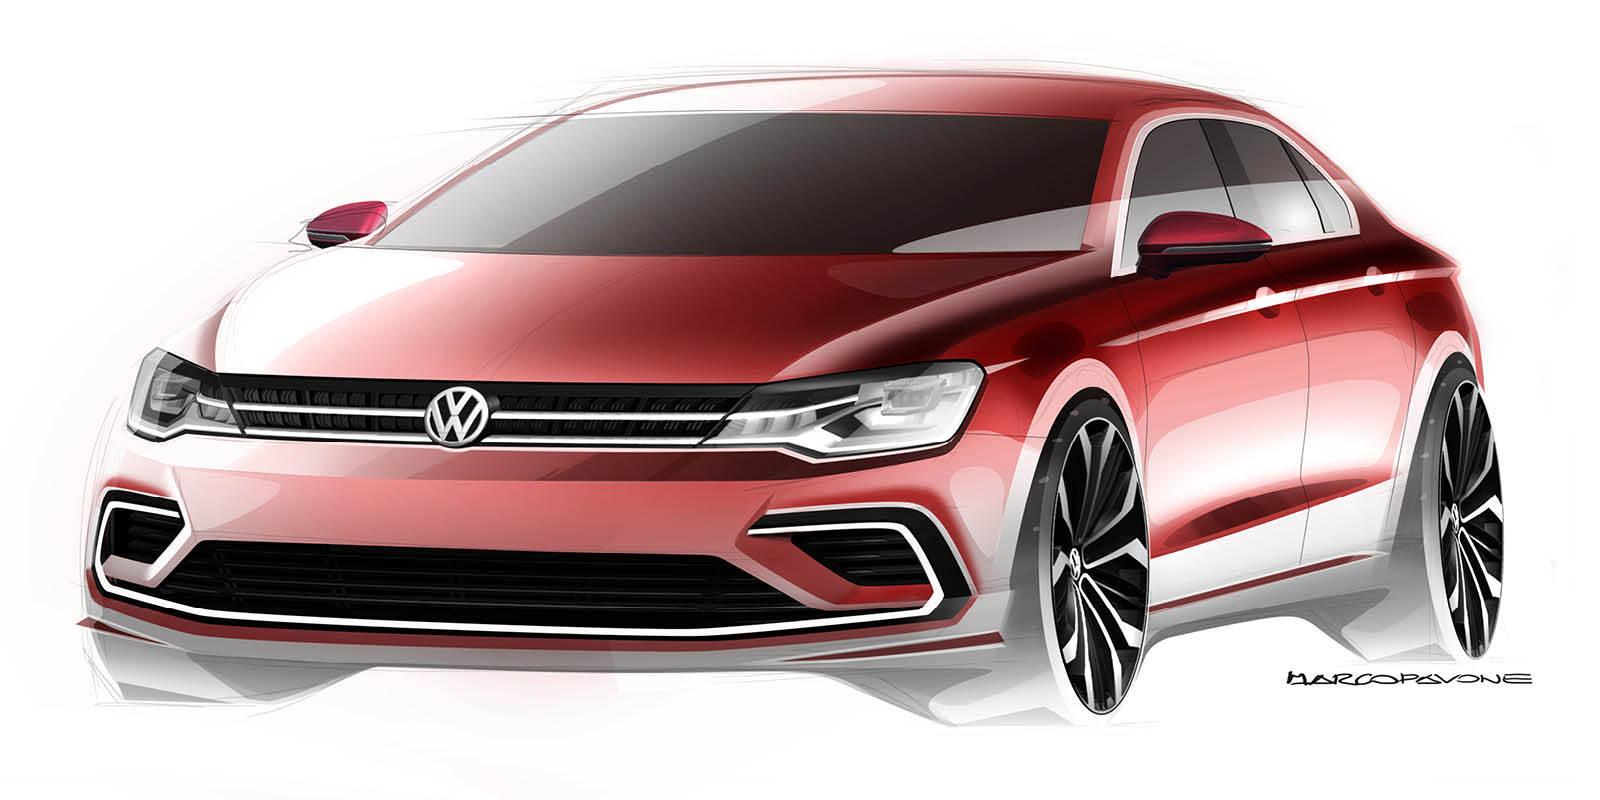 Foto de Volkswagen New Midsize Coupé Concept (3/3)